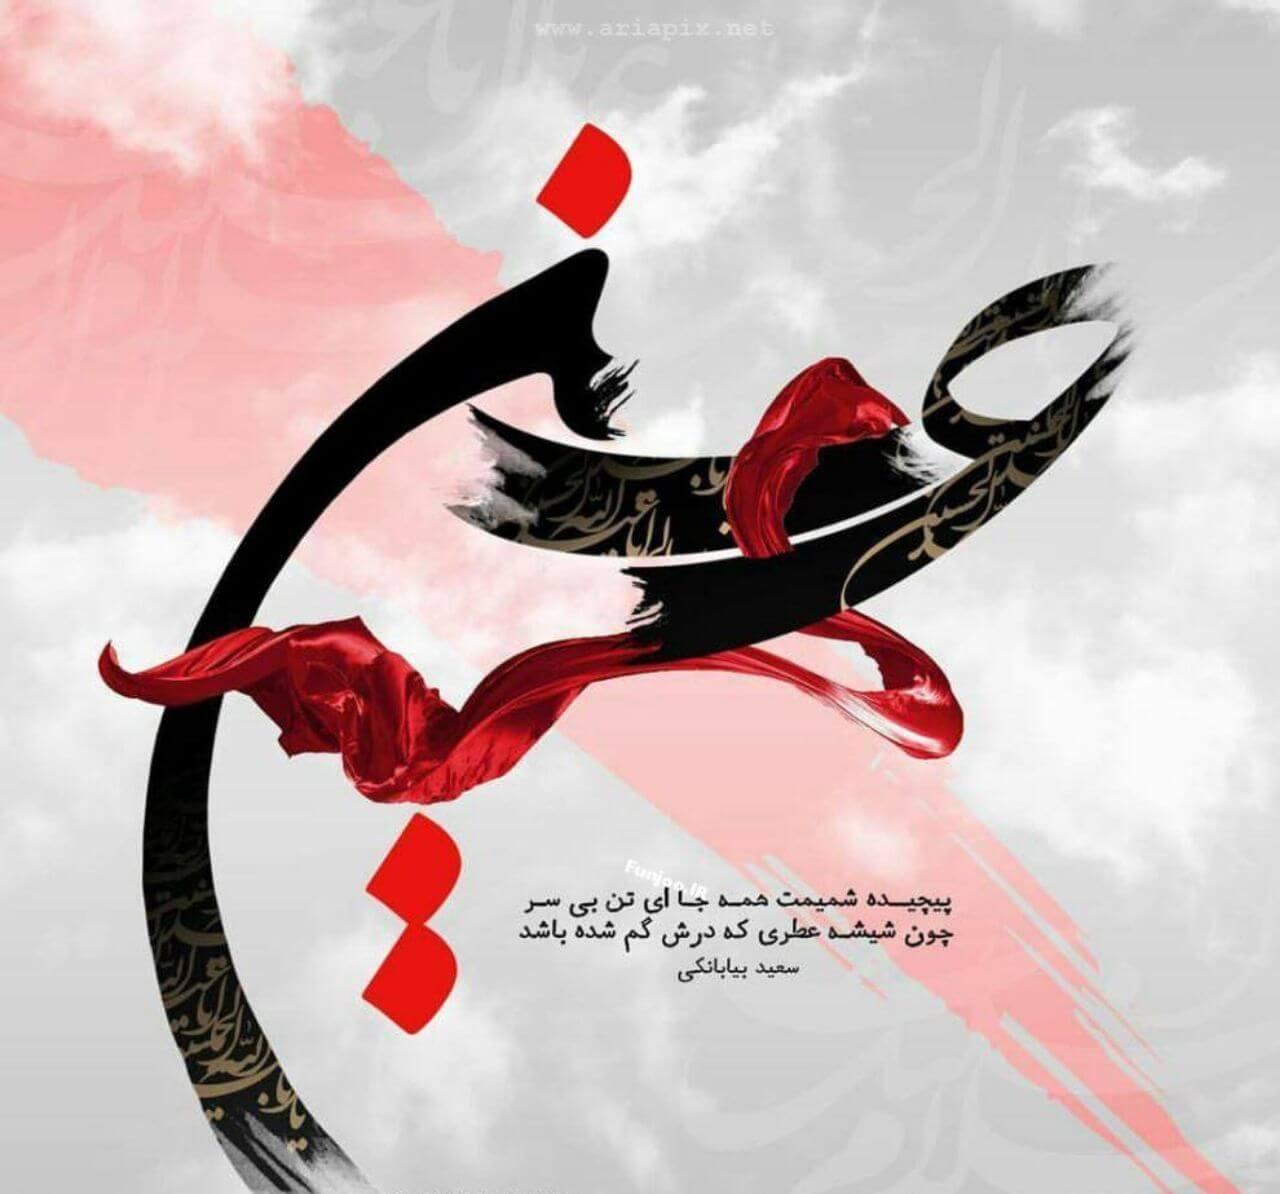 متن بیوگرافی محرم برای تلگرام و واتساپ